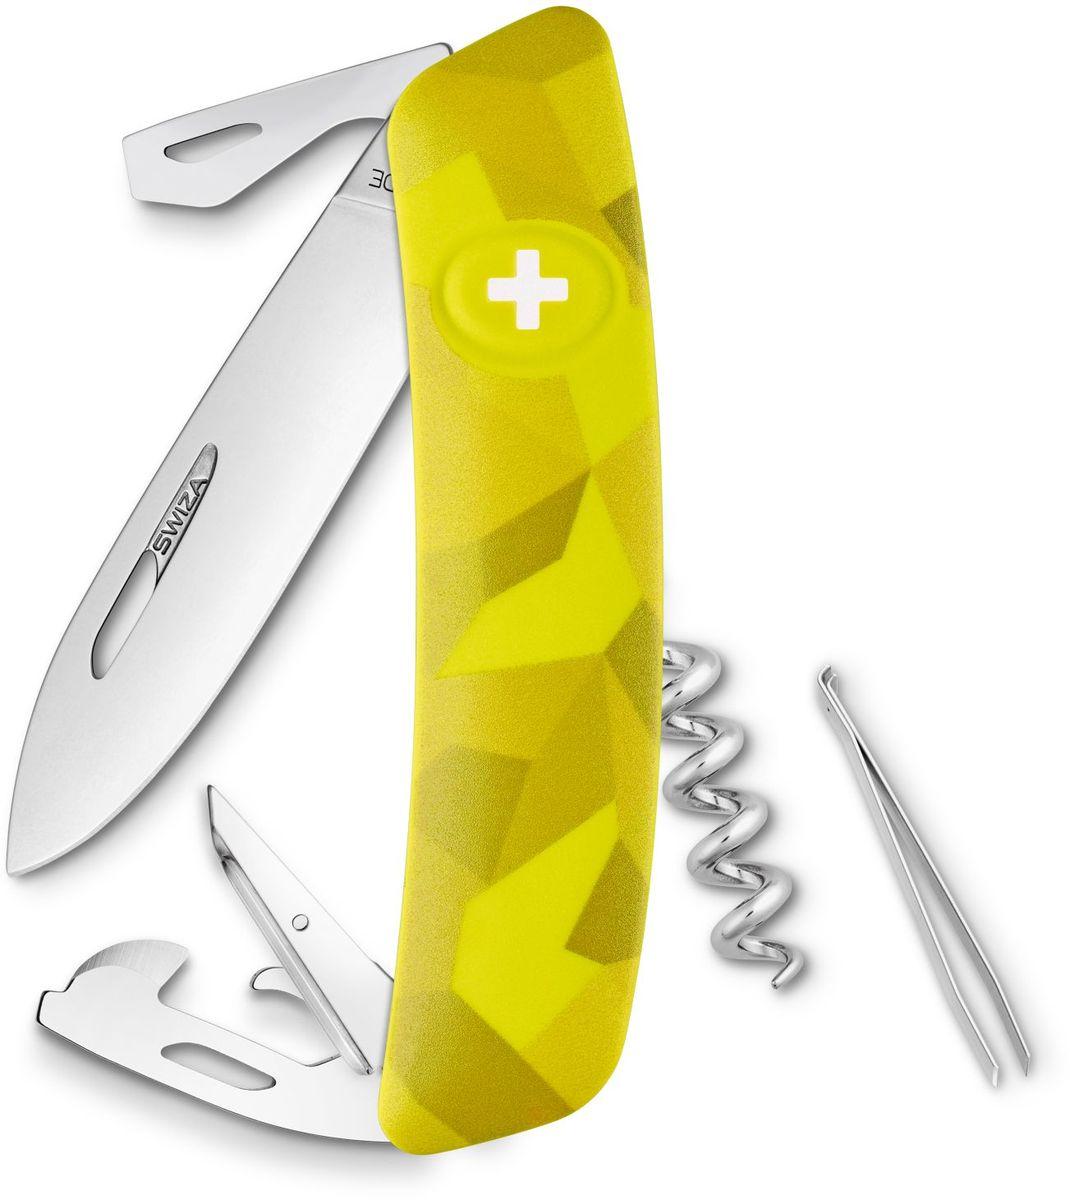 Нож швейцарский SWIZA С03, цвет: желтый, длина клинка 7,5 смKNI.0030.2080Швейцарский нож (SWIZA С03) с его революционной формой и безопасной рукояткой, легко раскладываемой ручкой - самый удобный и простой в использовании швейцарский нож на все времена. Эргономично изогнутая форма ножа обеспечивает более легкий доступ к инструментам, а пазы позволяют легко их открывать, как левой, так и правой рукой. 1. нож перочинный, 2.Штопор, 3. ример/дырокол 4. шило, 5. безопасная блокировка лезвий, 6. пинцет 7. консервный нож, 8 Wire Bender (для проволоки), 9 Отвертка №1, 10. Отвертка №3, 11. Открывалка для бутылок